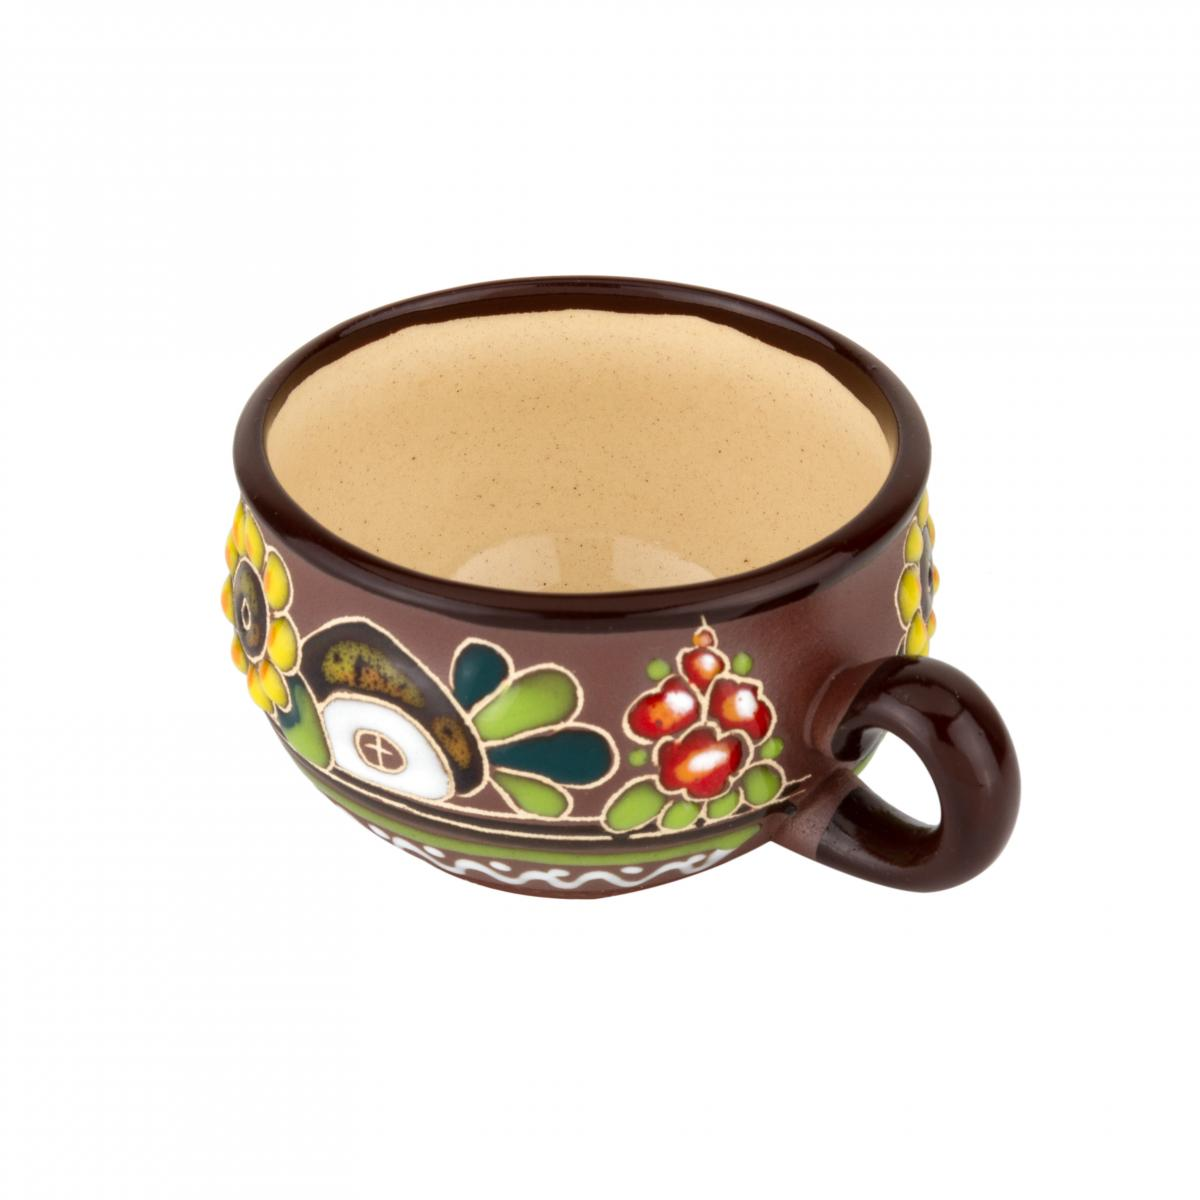 Чашка кавова з соняхом – 120 мл. Фото №2. | Народний дім Україна